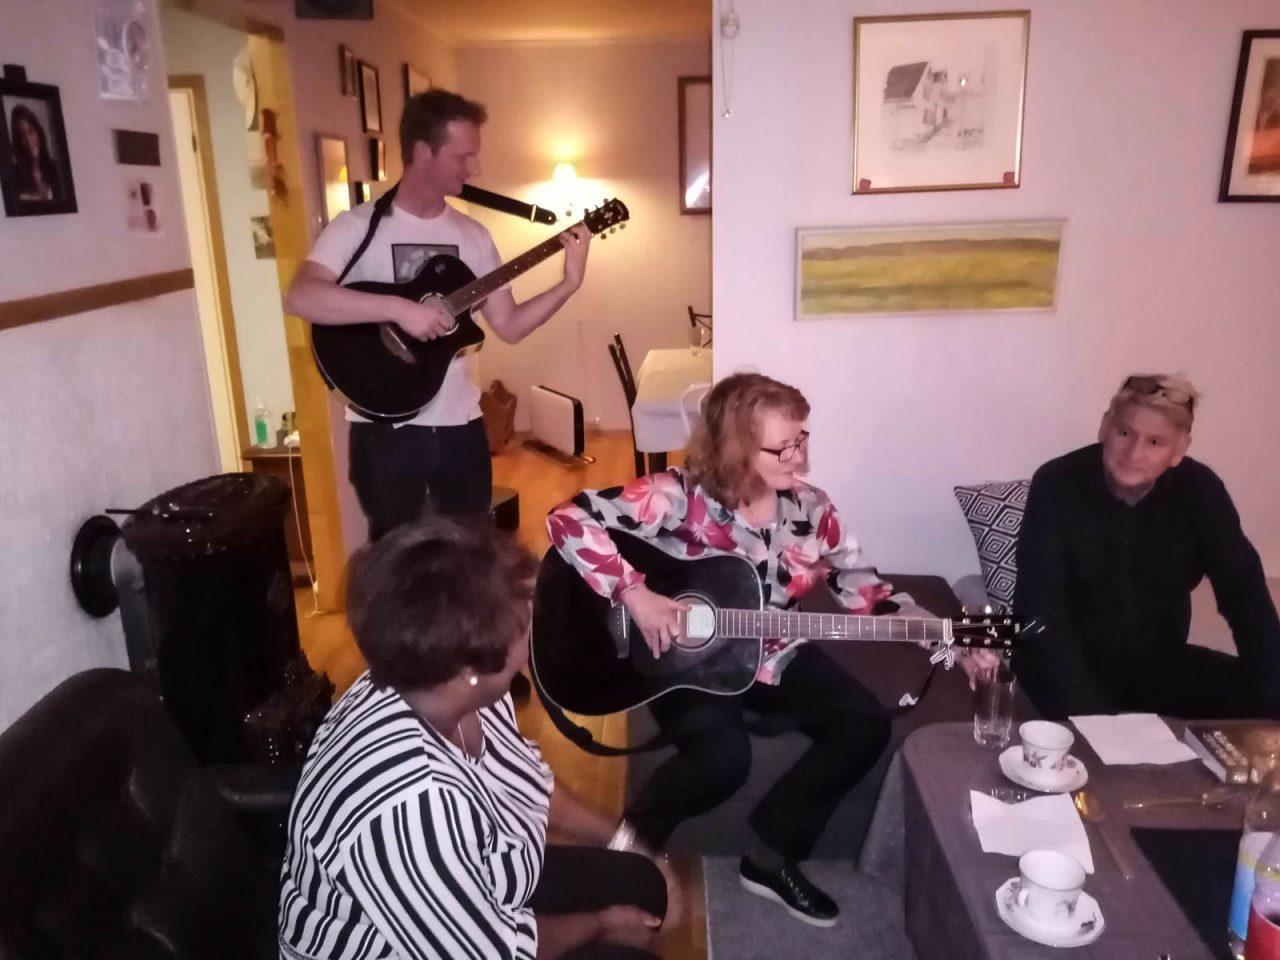 Dag øver på gitaren, mens Gladys varmer opp til lovsang.